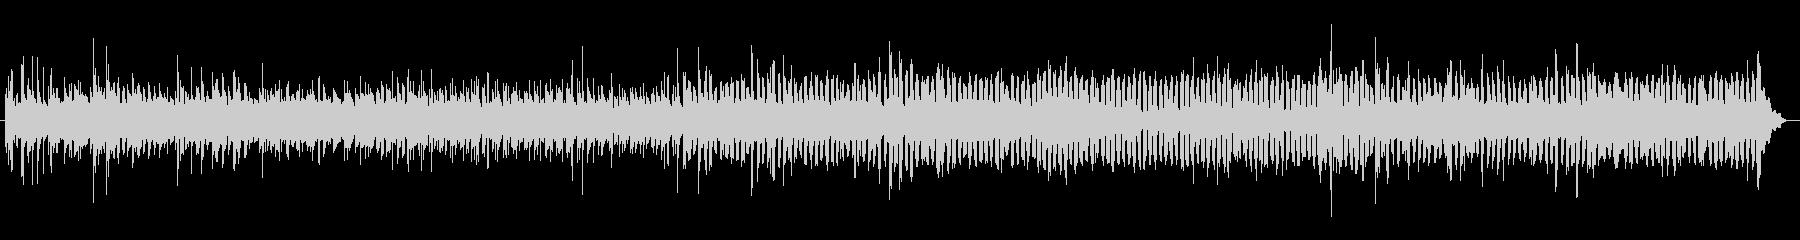 エレクトリックピアノをフィーチャー...の未再生の波形